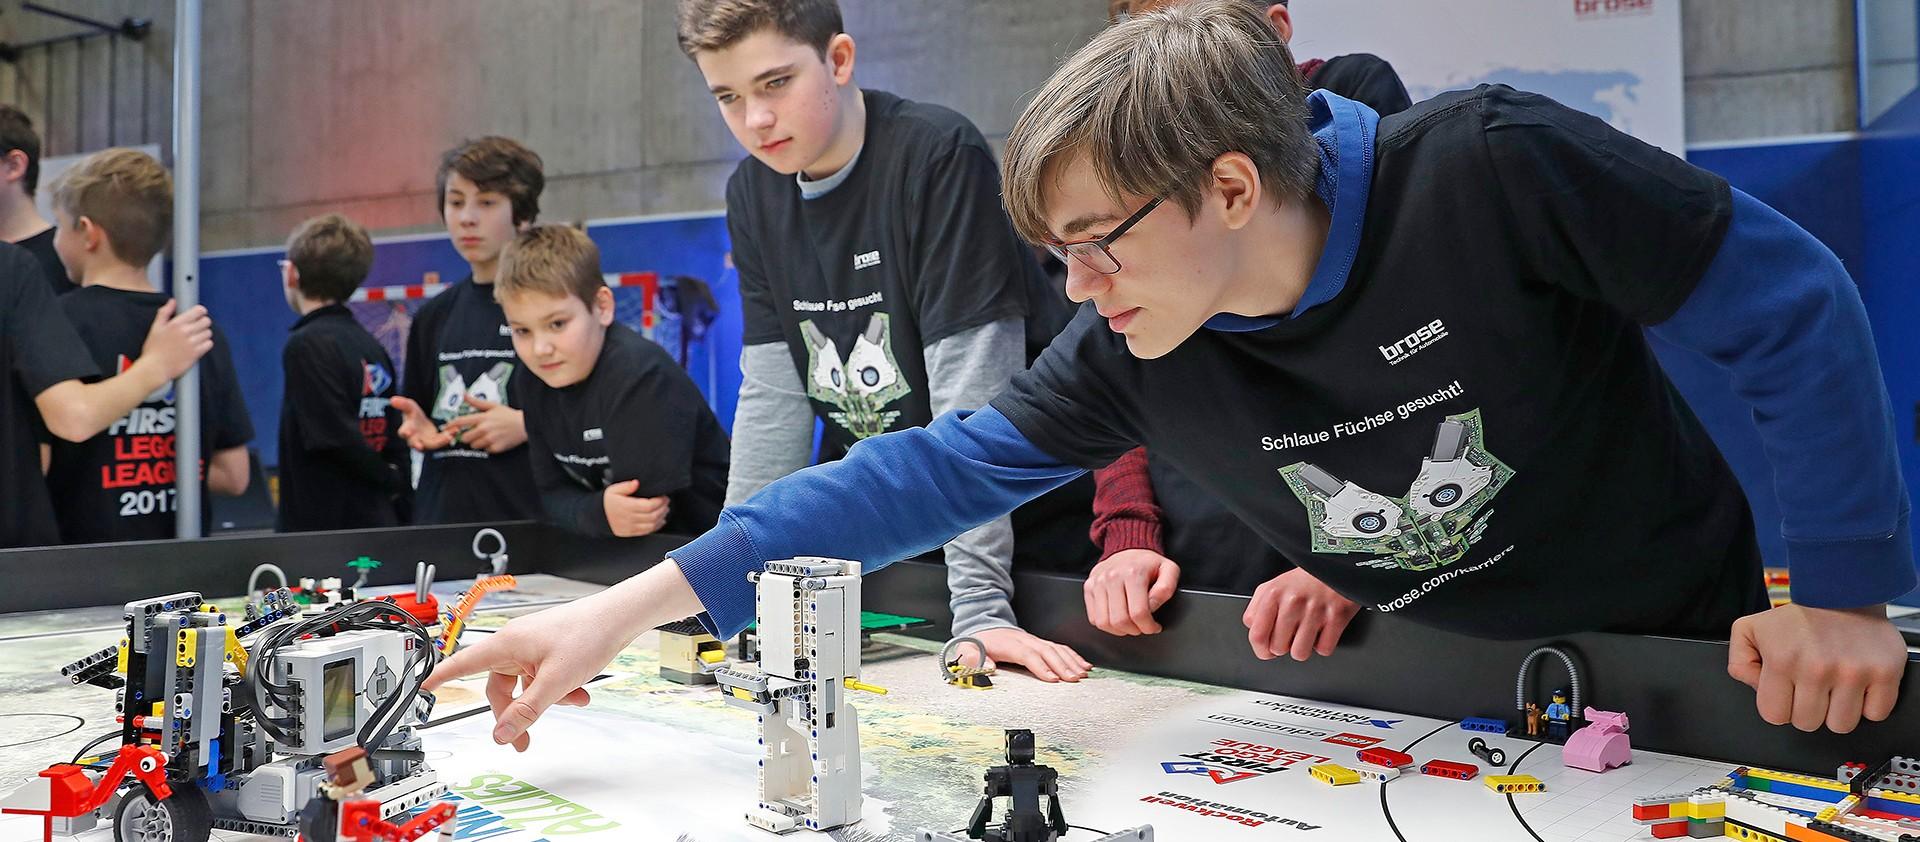 Brose-Wettstreit-der-Lego-Roboter-in-Wuerzburg-2017_presse_xl_1920